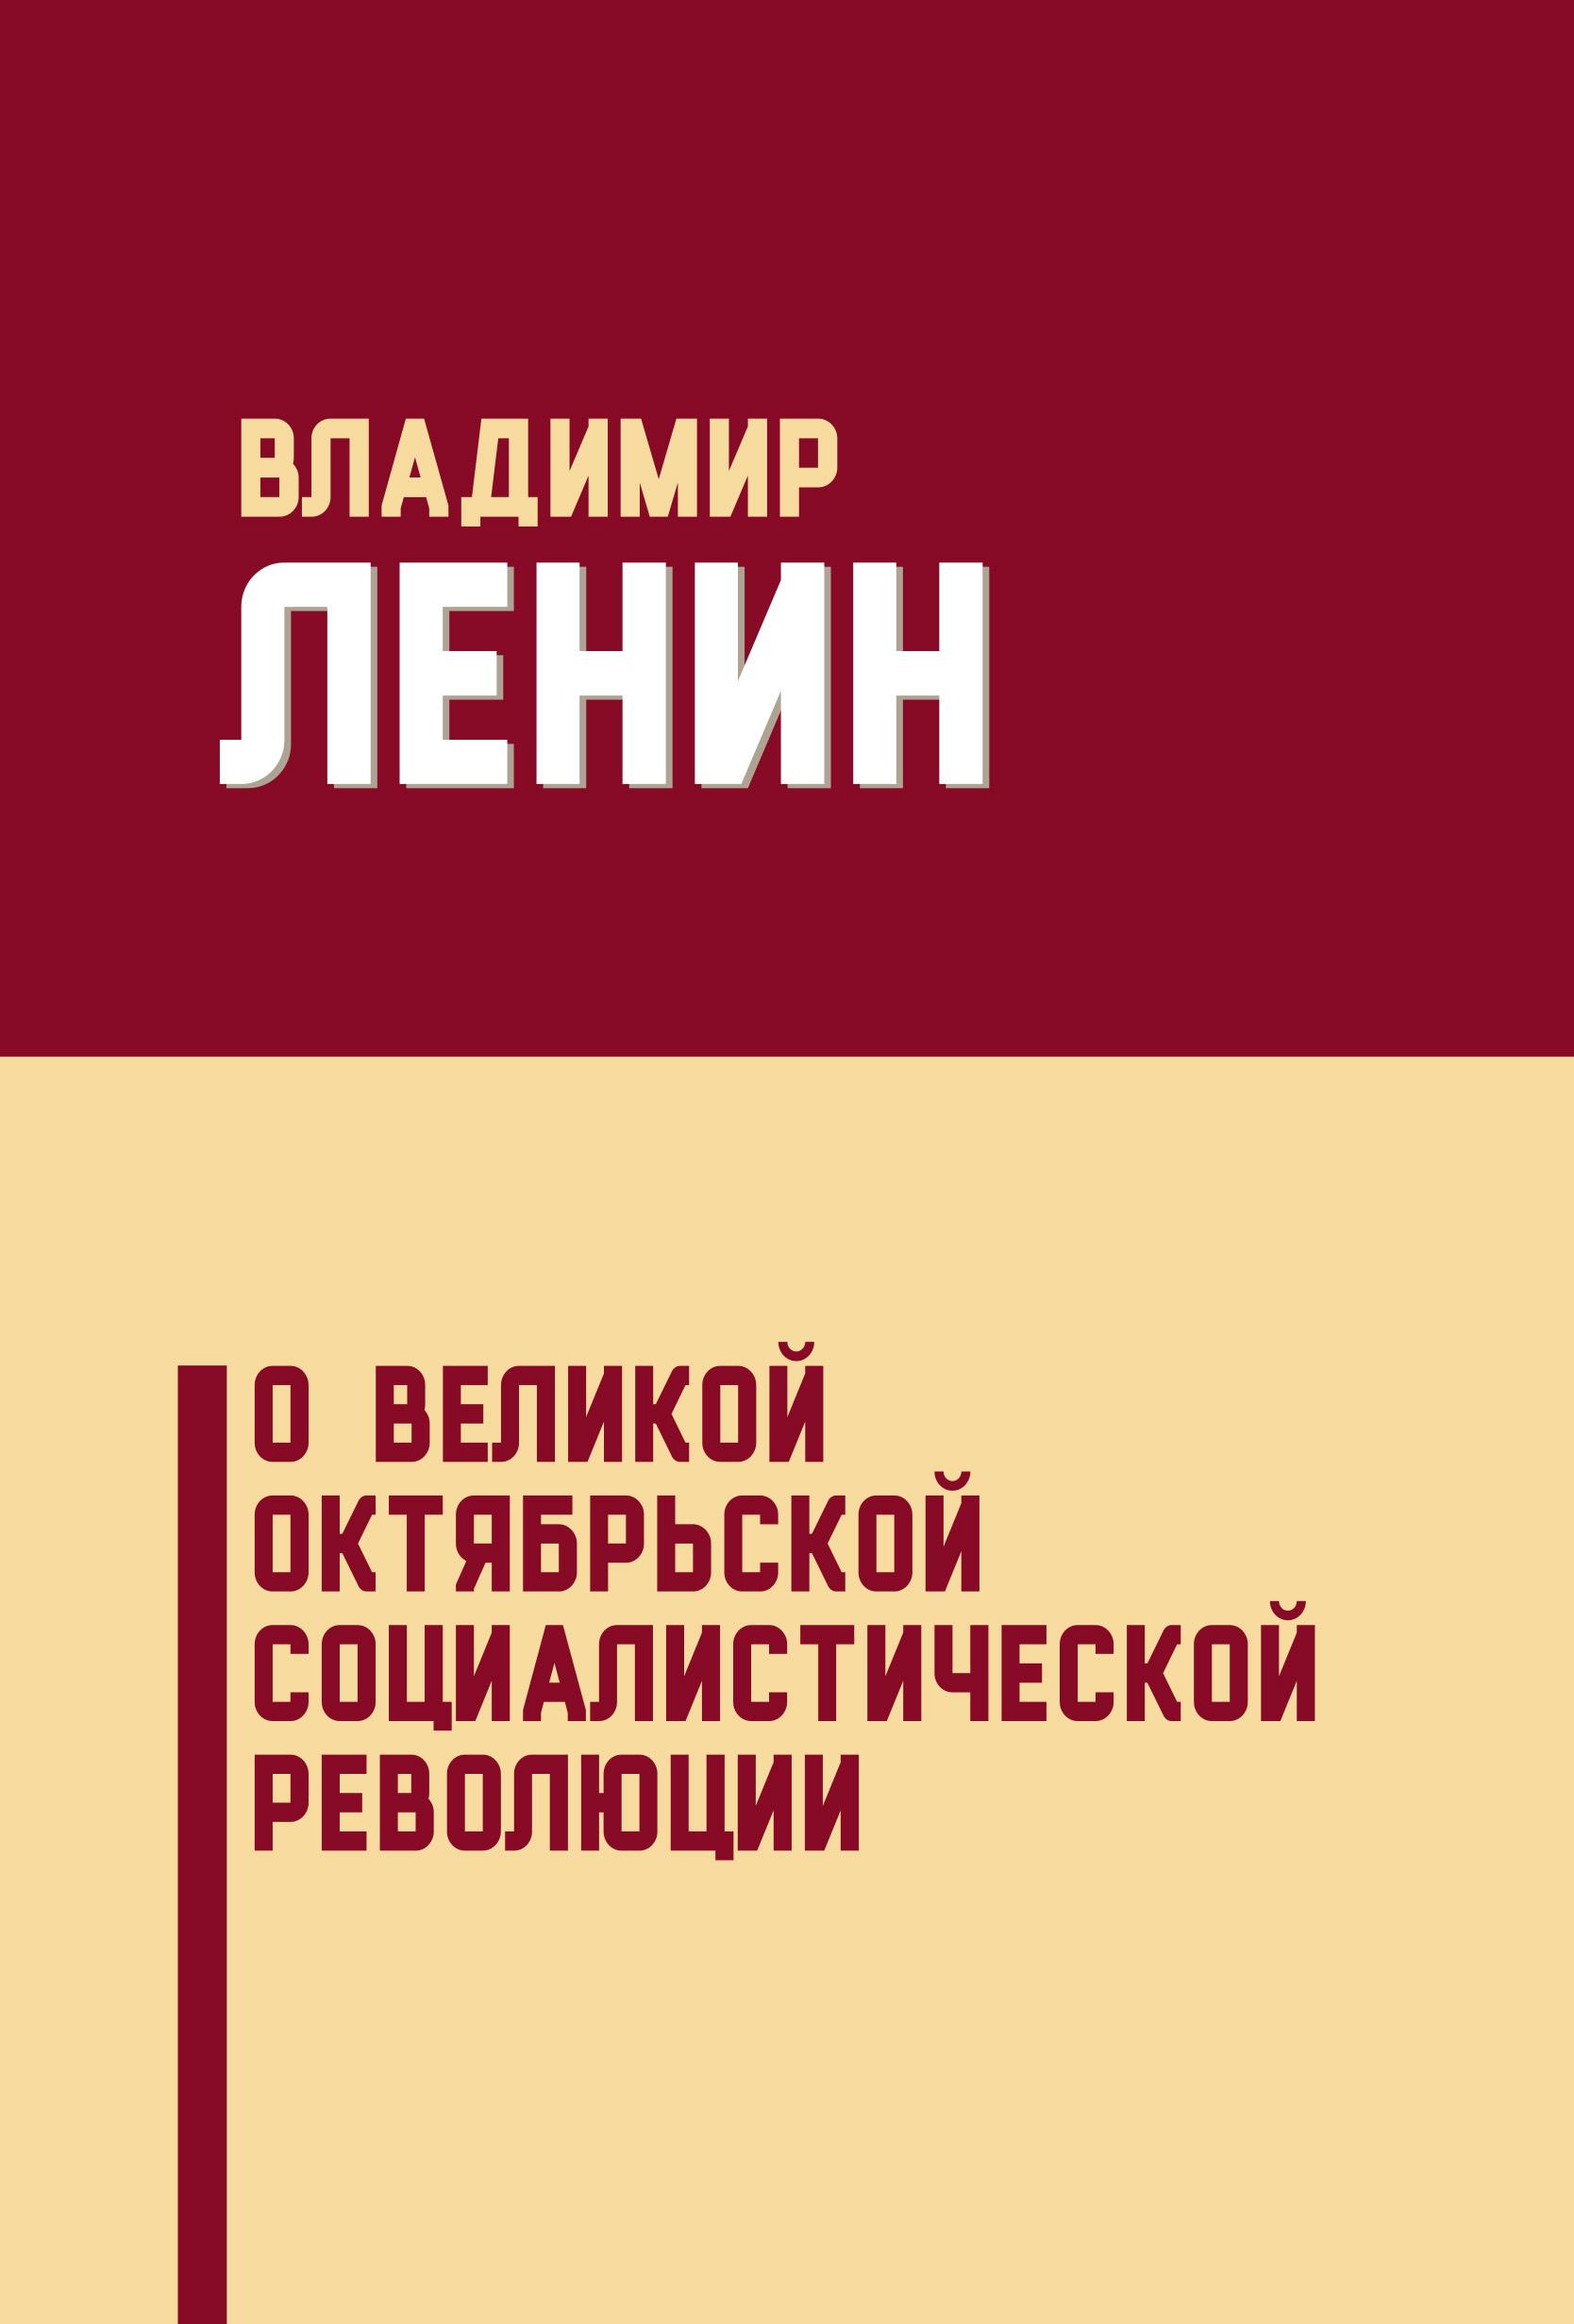 Владимир Ленин О Великой Октябрьской социалистической революции (сборник) м и труш международная деятельность в и ленина год великого октября